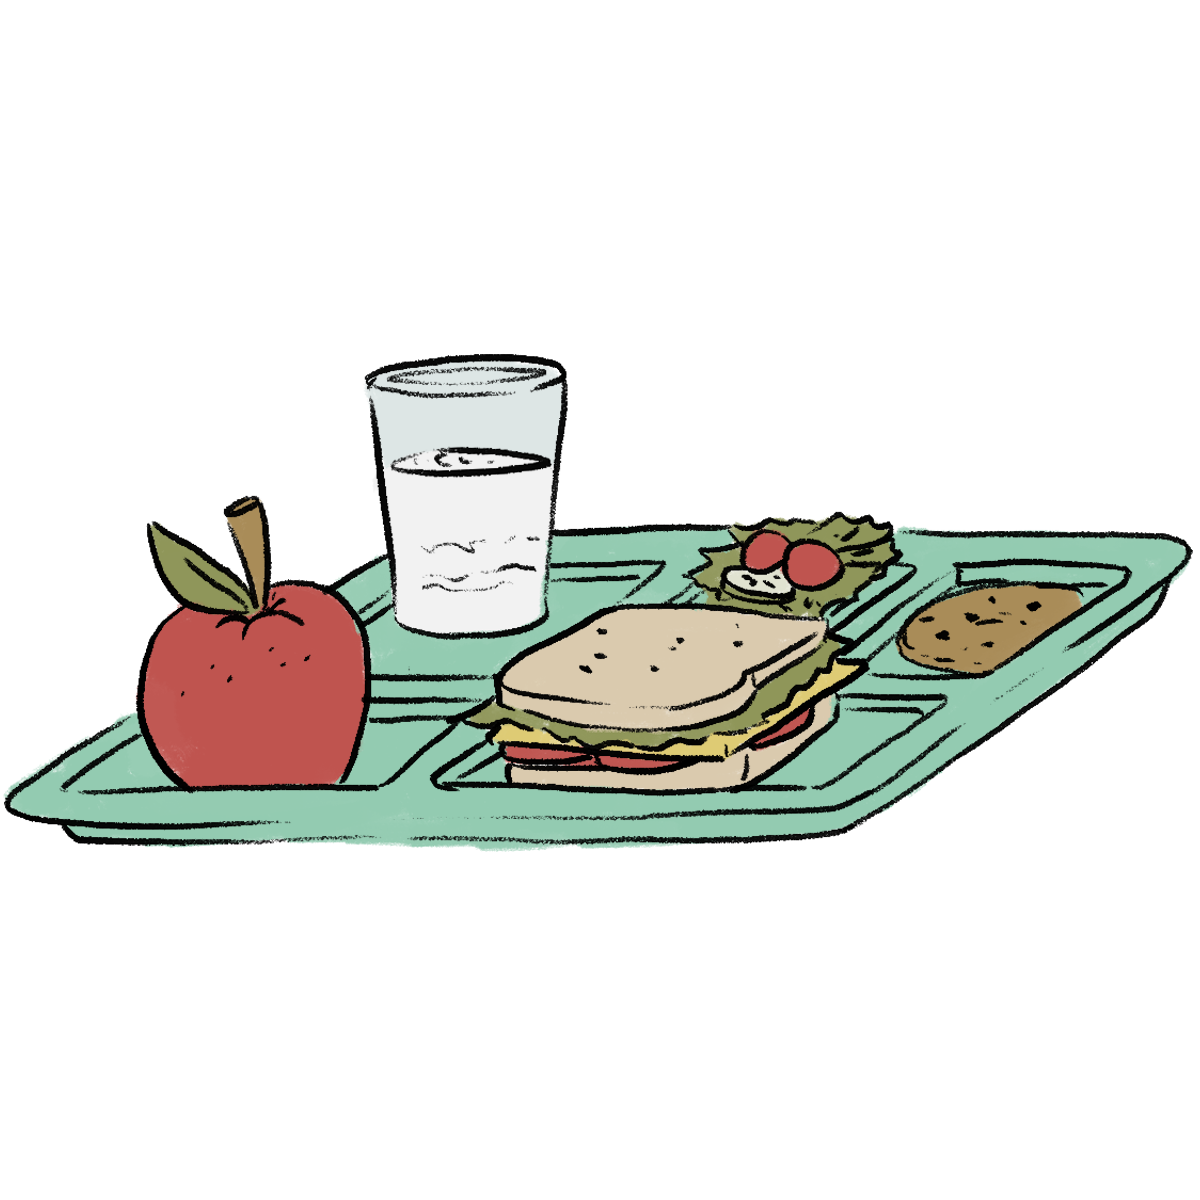 Food_v1.png